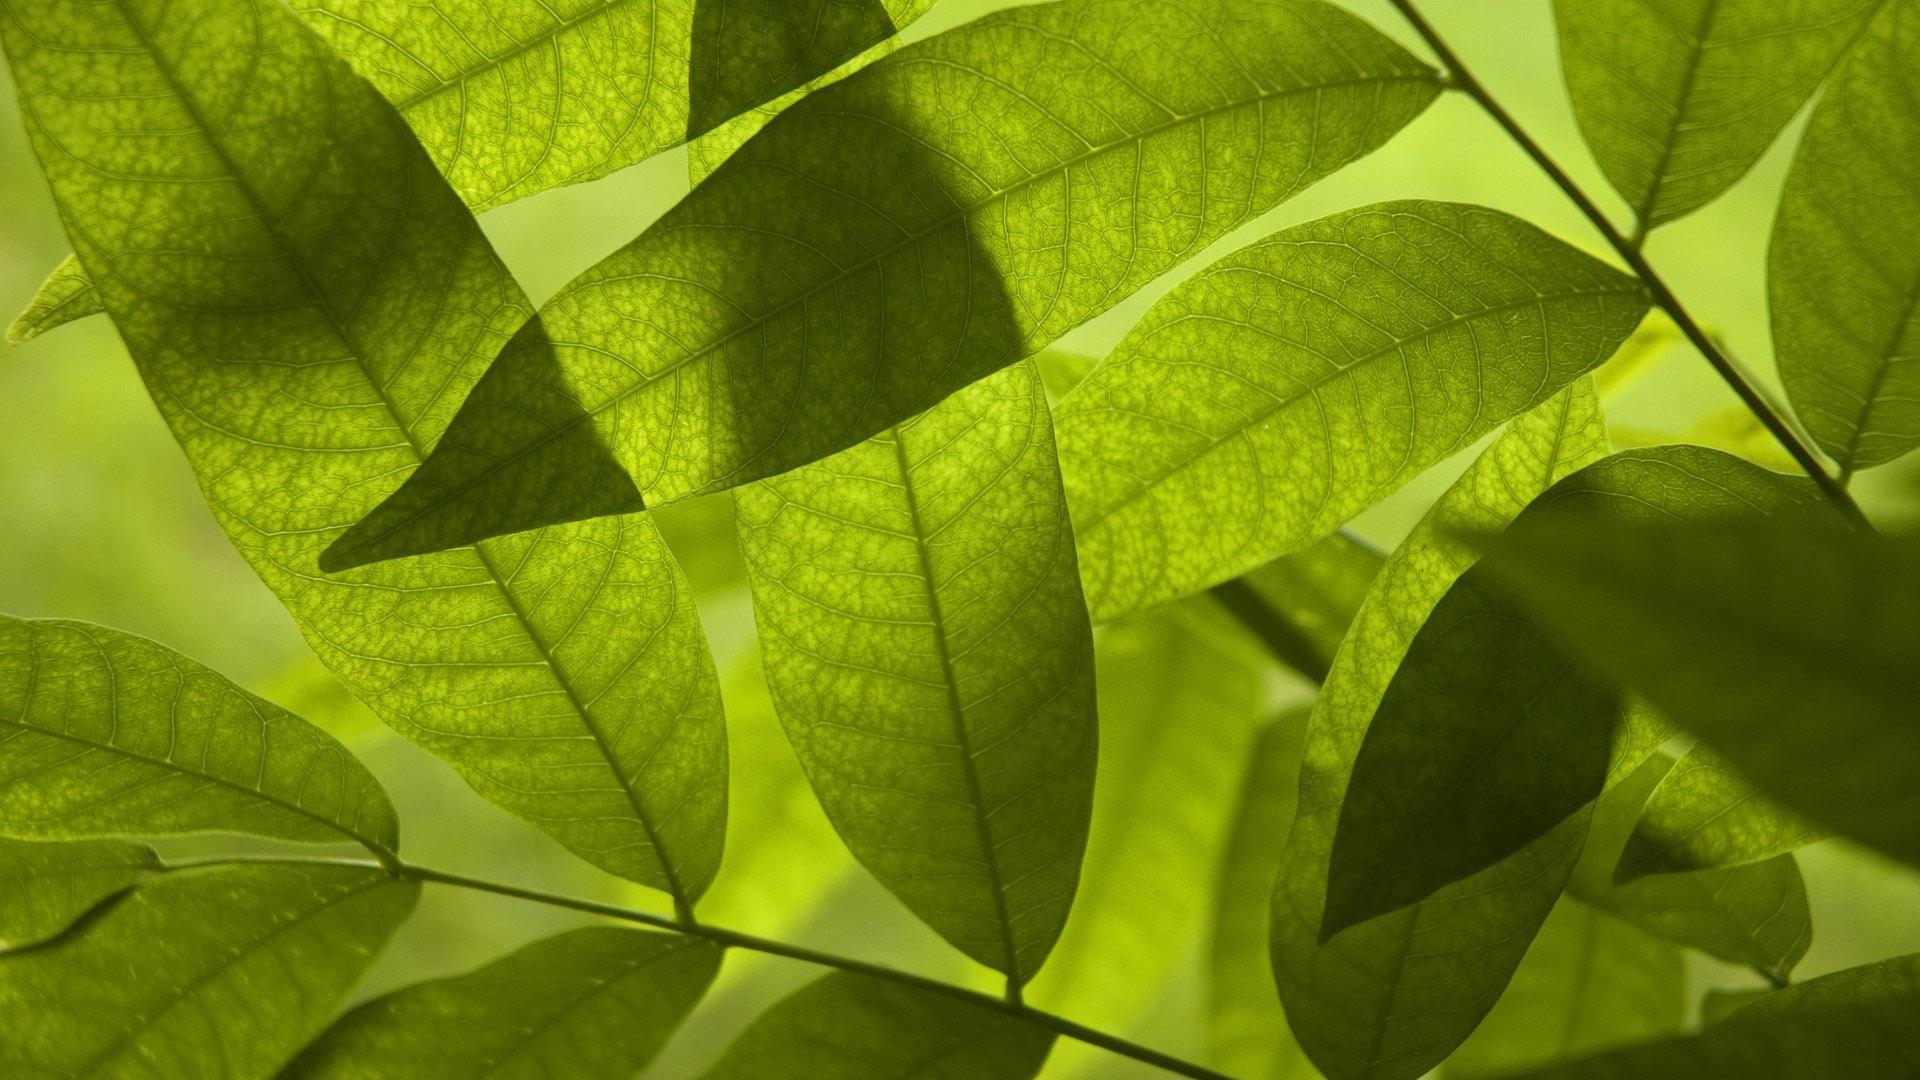 Повышение температуры заставило растения поглощать больше углекислого газа